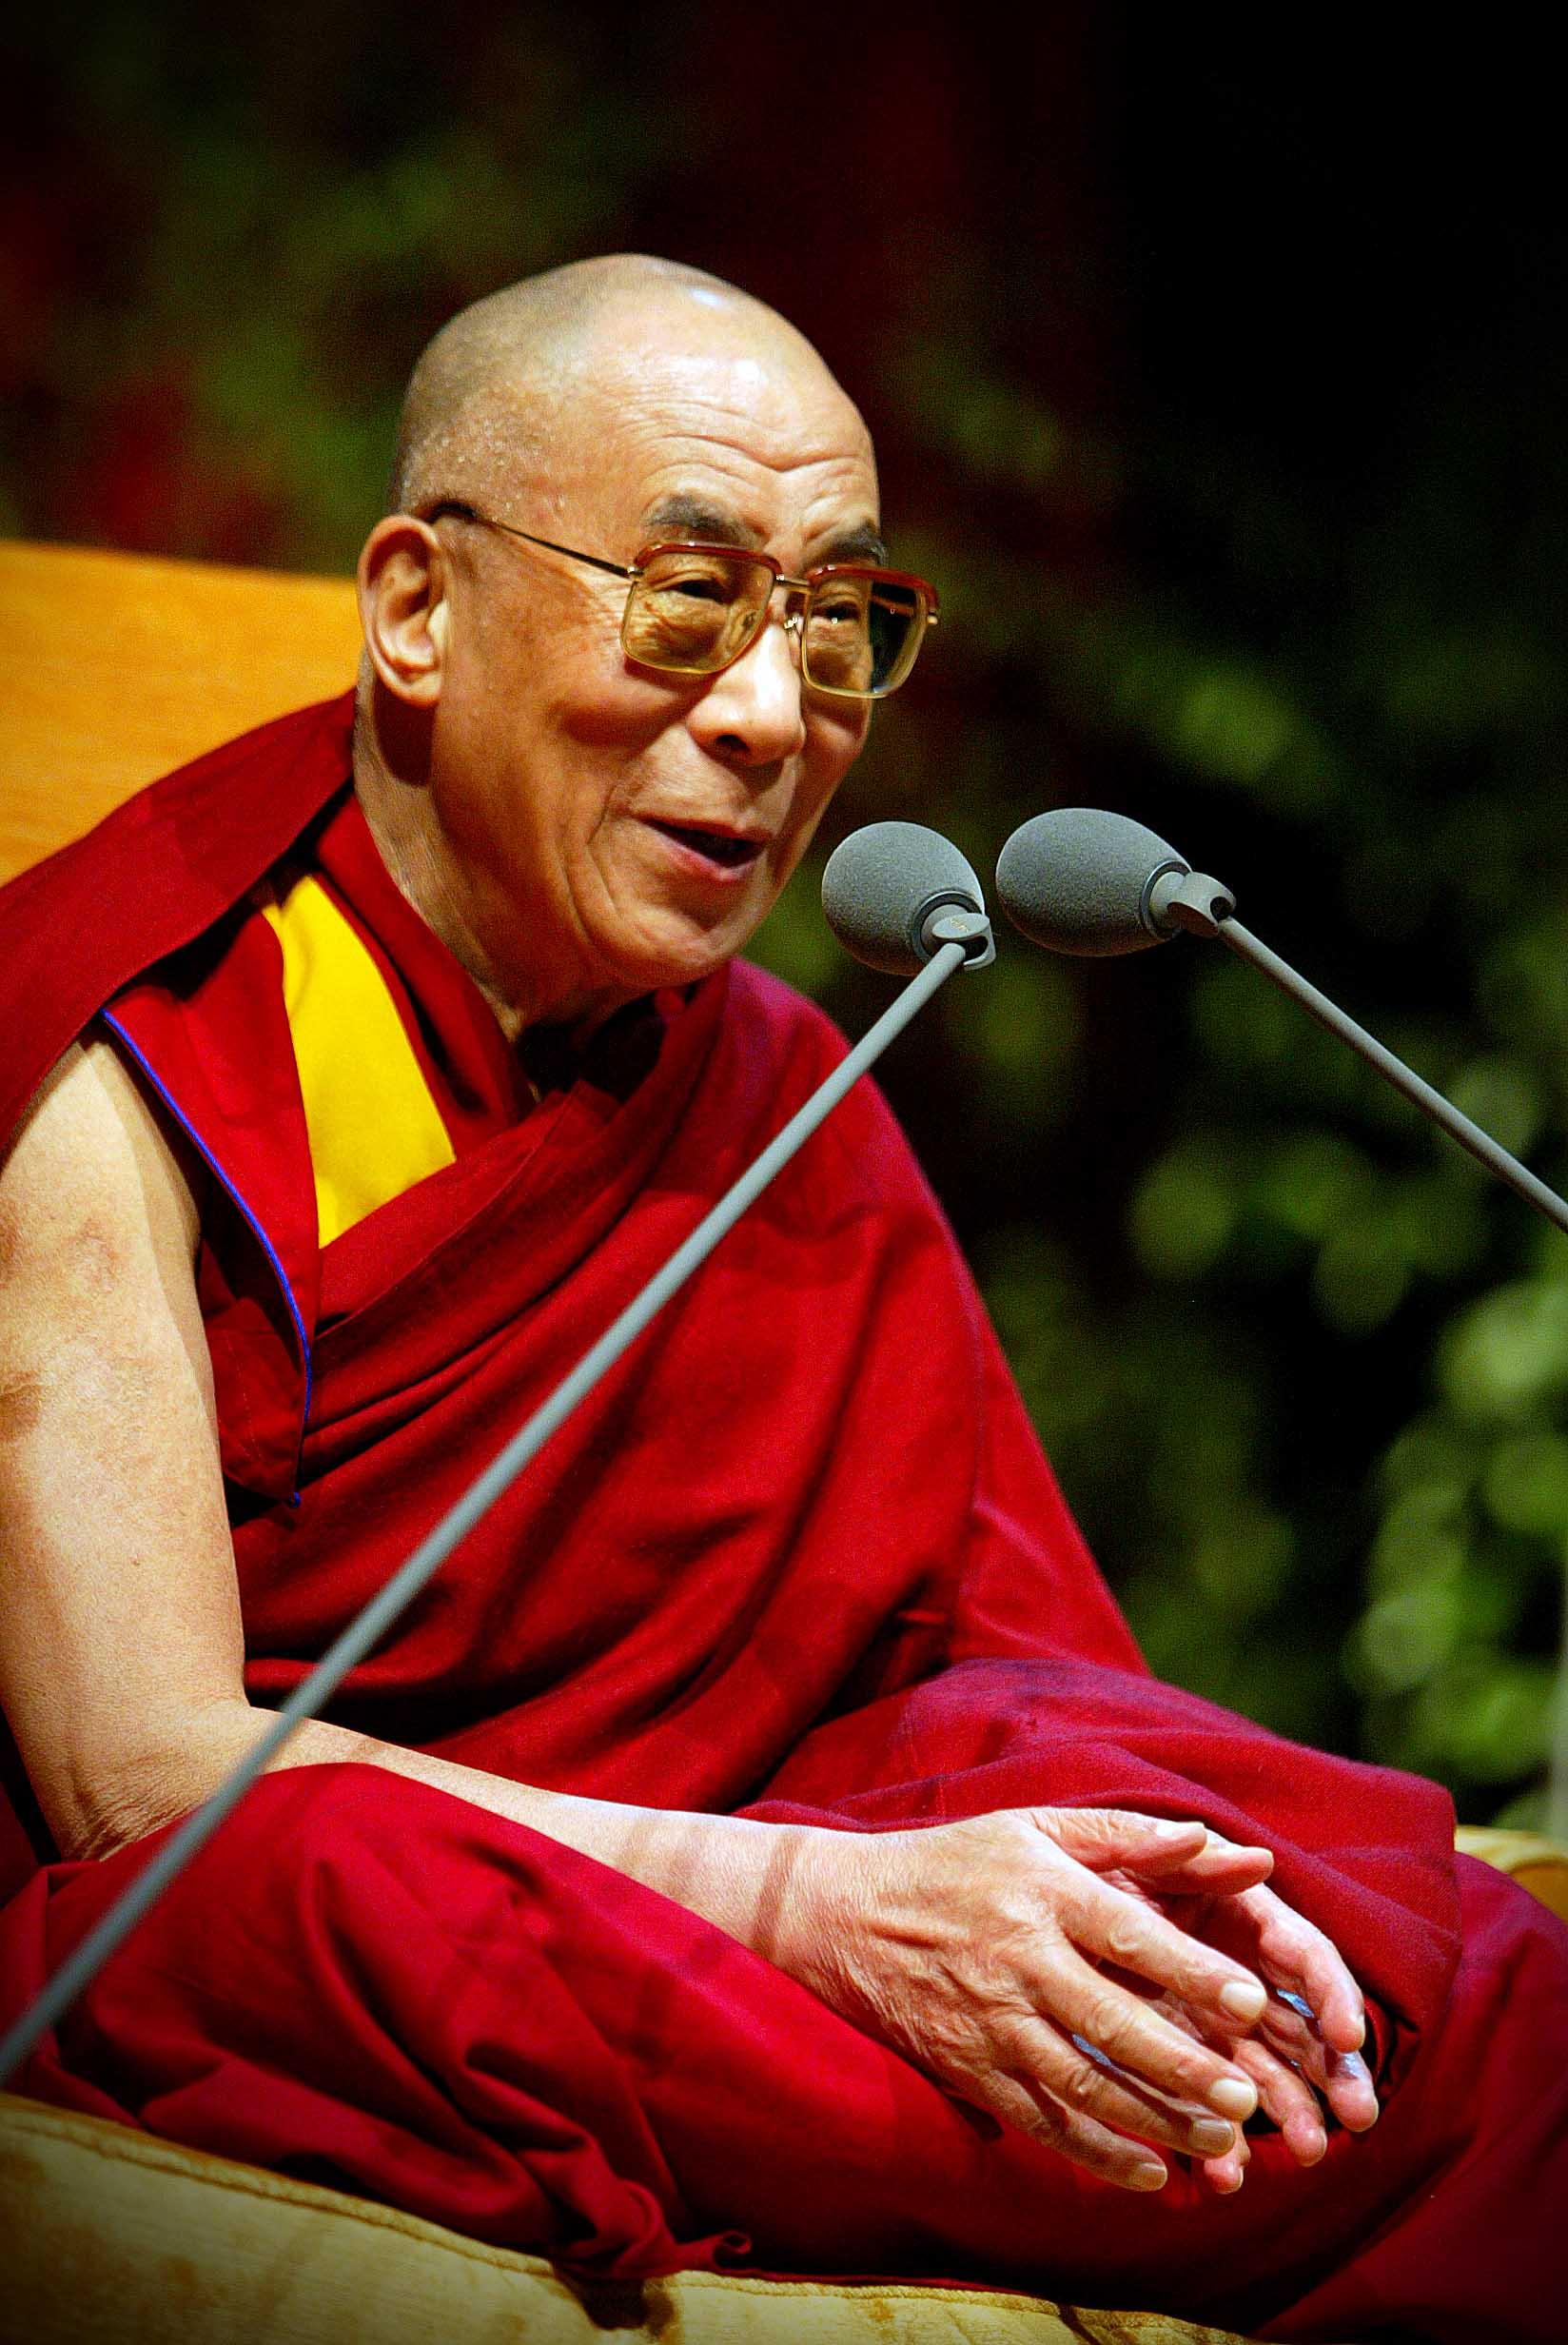 nti_Dalai_Lama_07.JPG